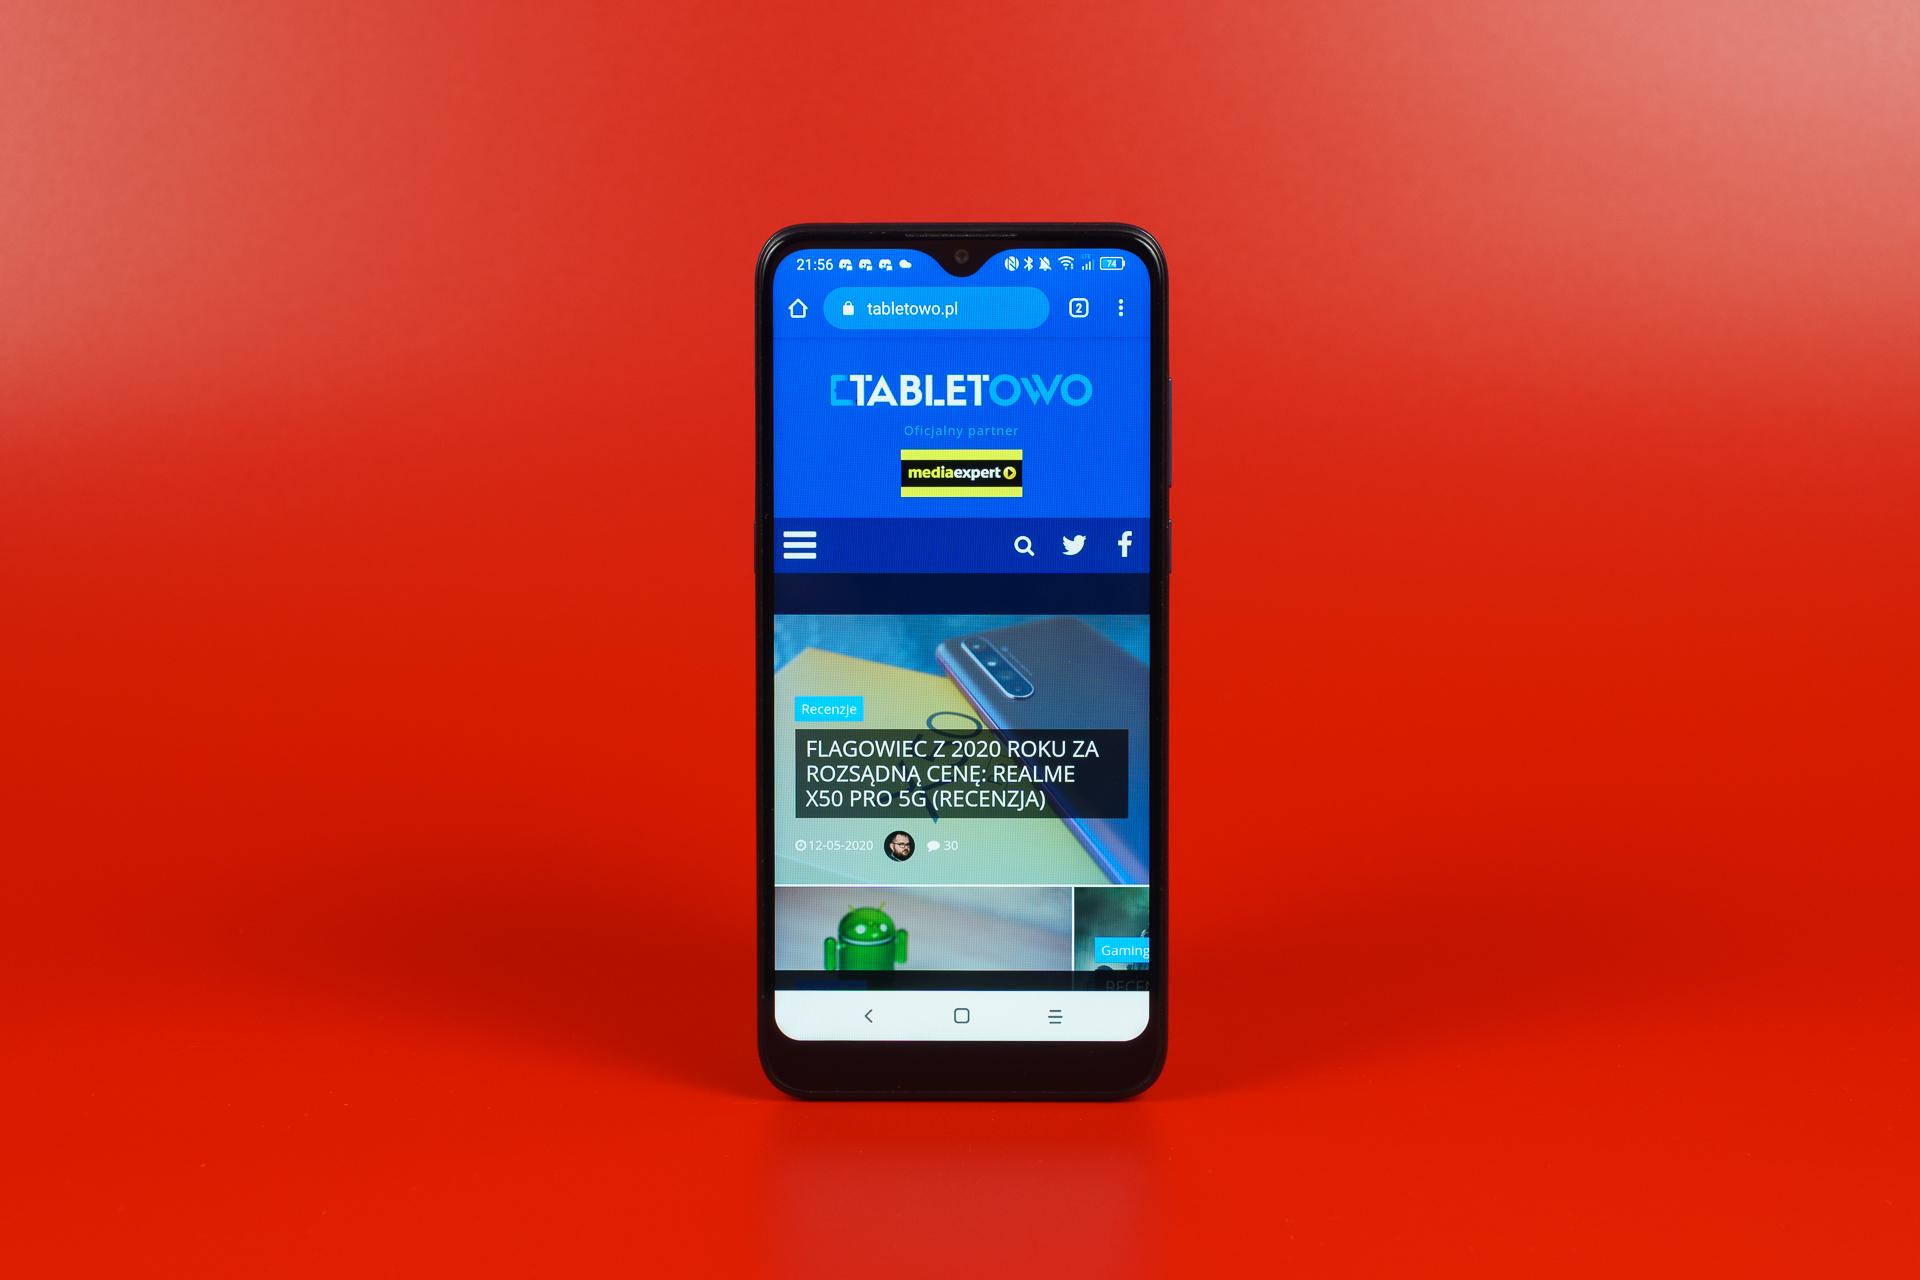 Recenzja Alcatela 1s (2020) - pełen kompromisów, ale z NFC 21